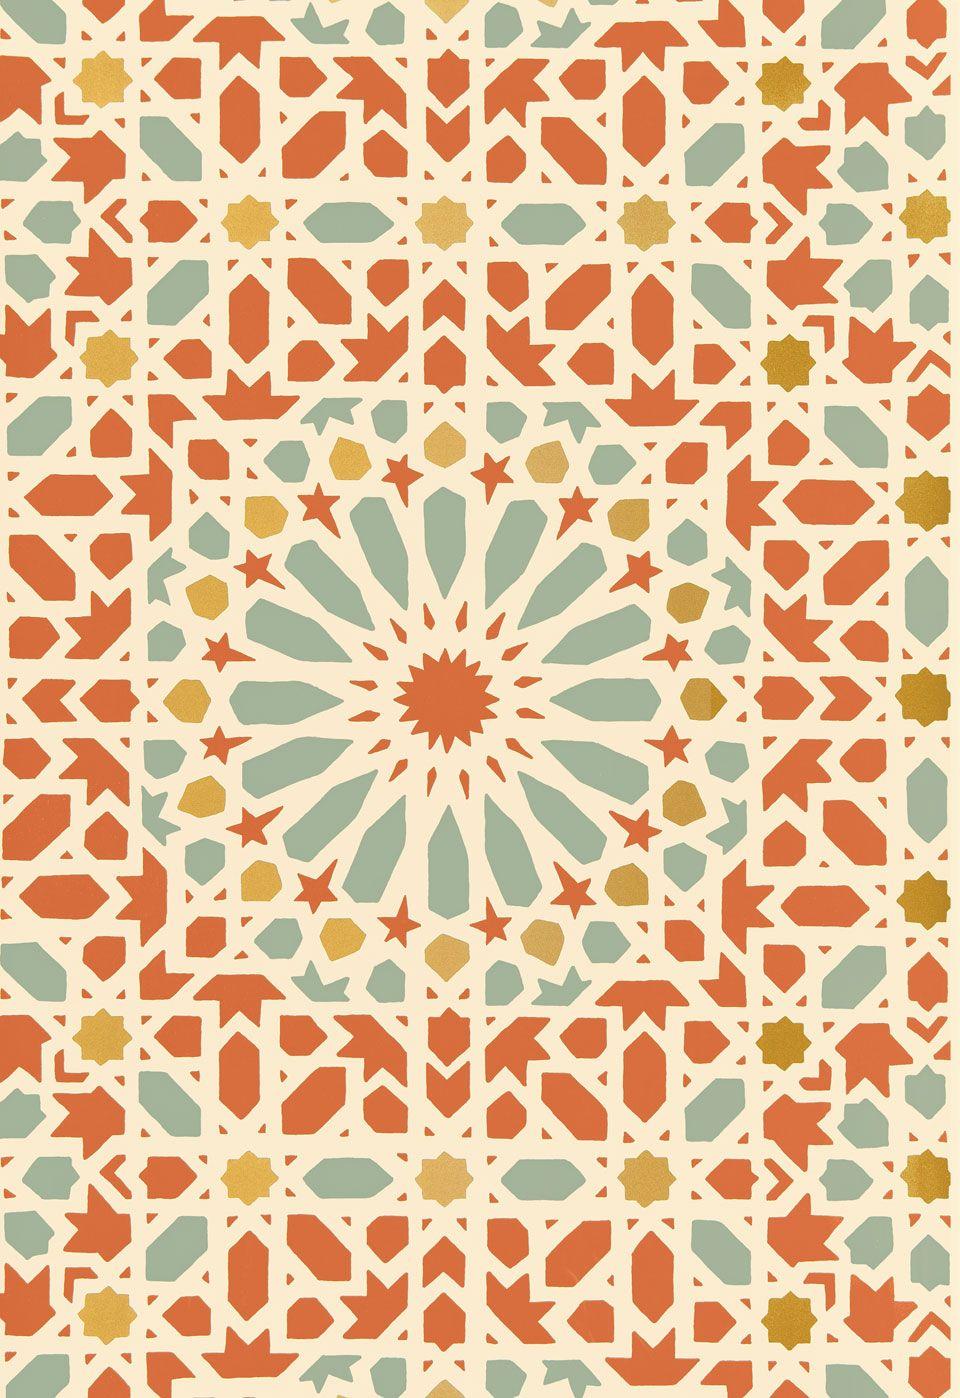 Orange-Teal, Geometric, Mosaic Wallcovering / Wallpaper | Nasrid ...